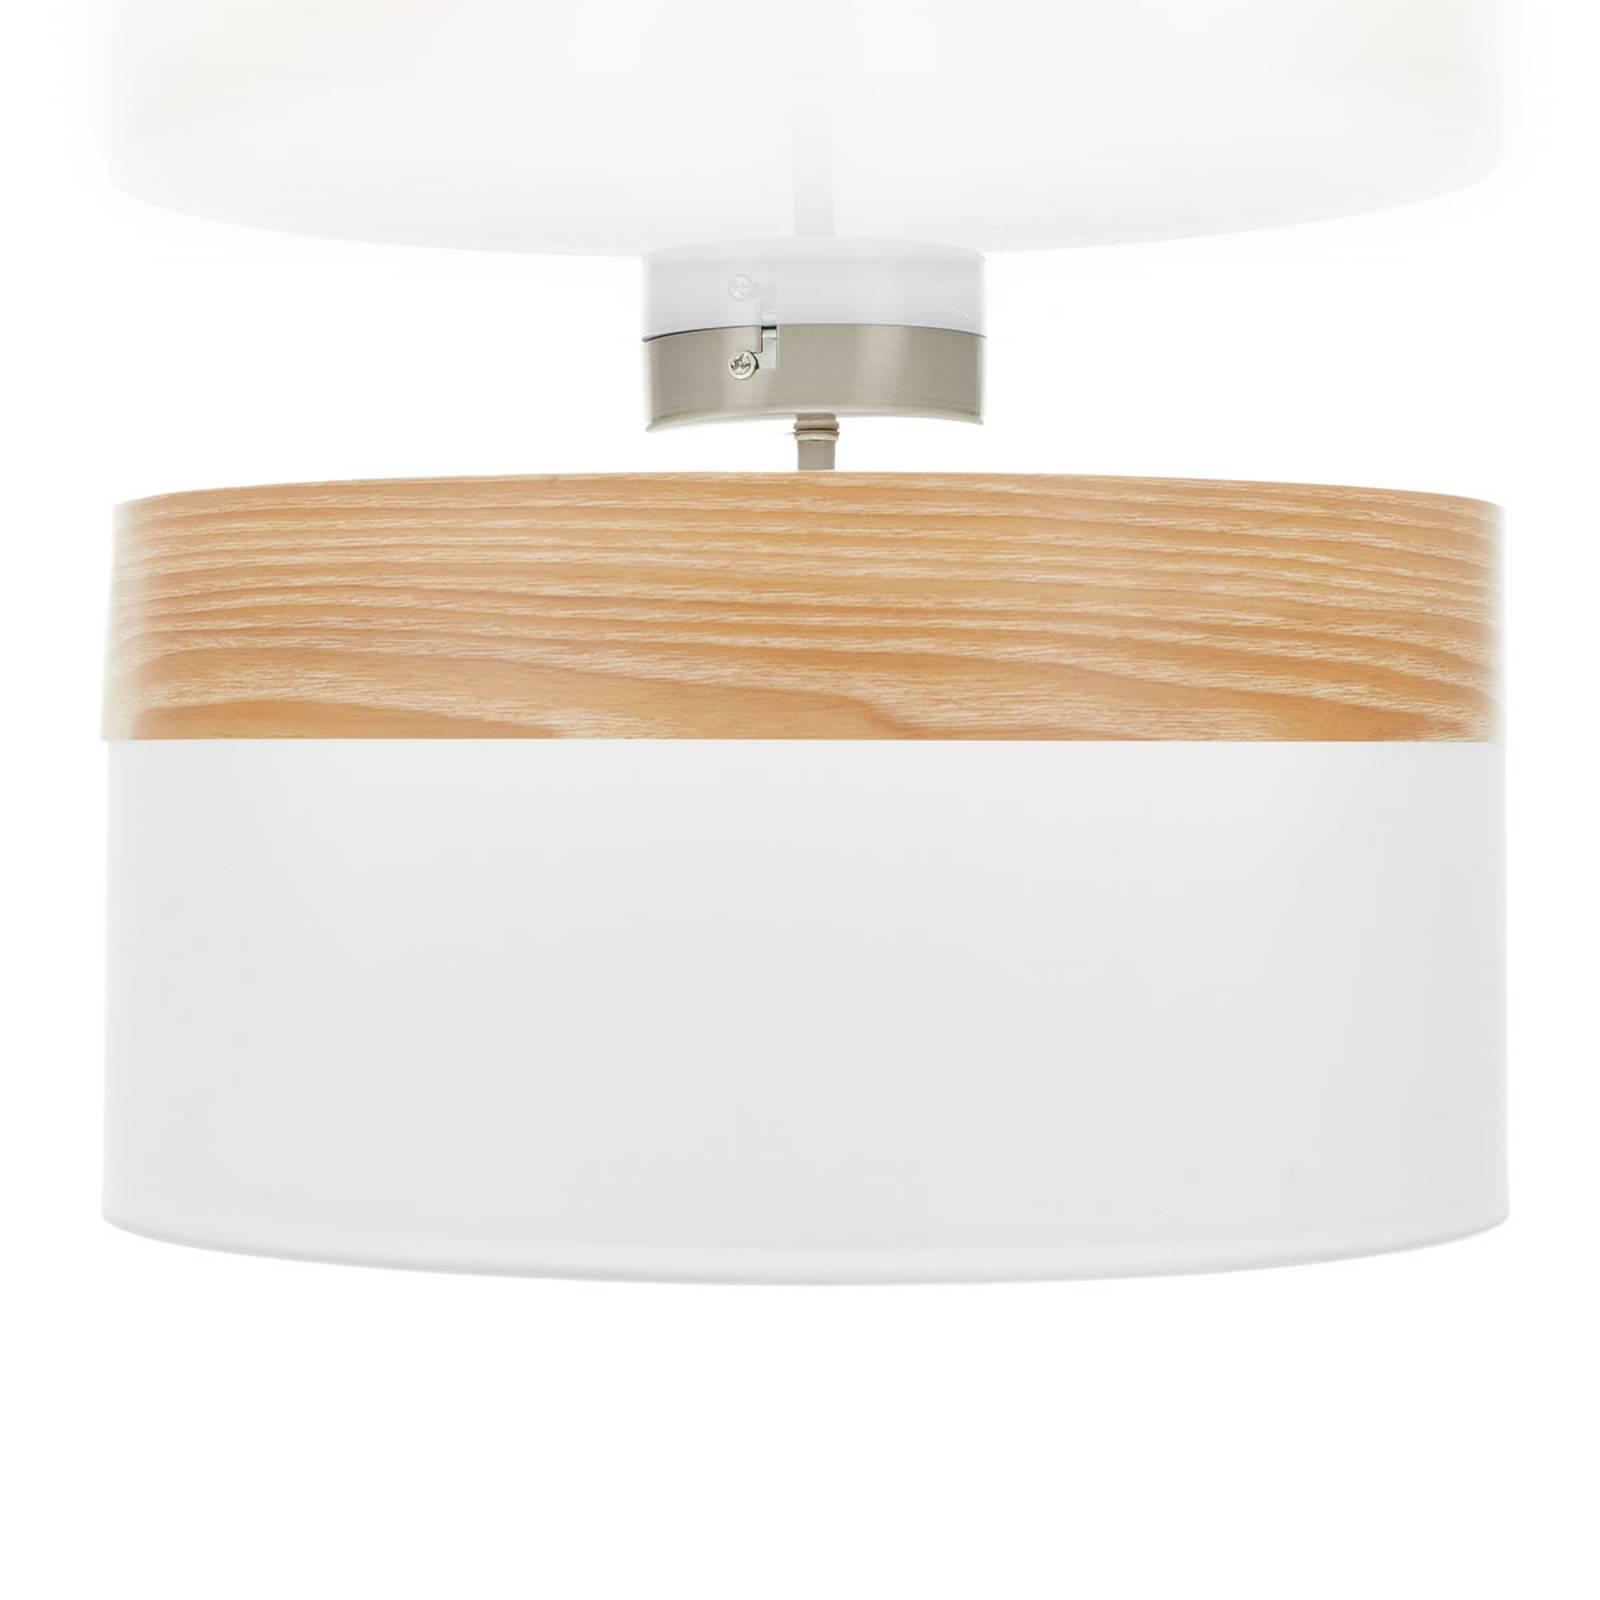 Lampa sufitowa Libba kremowa-drewno